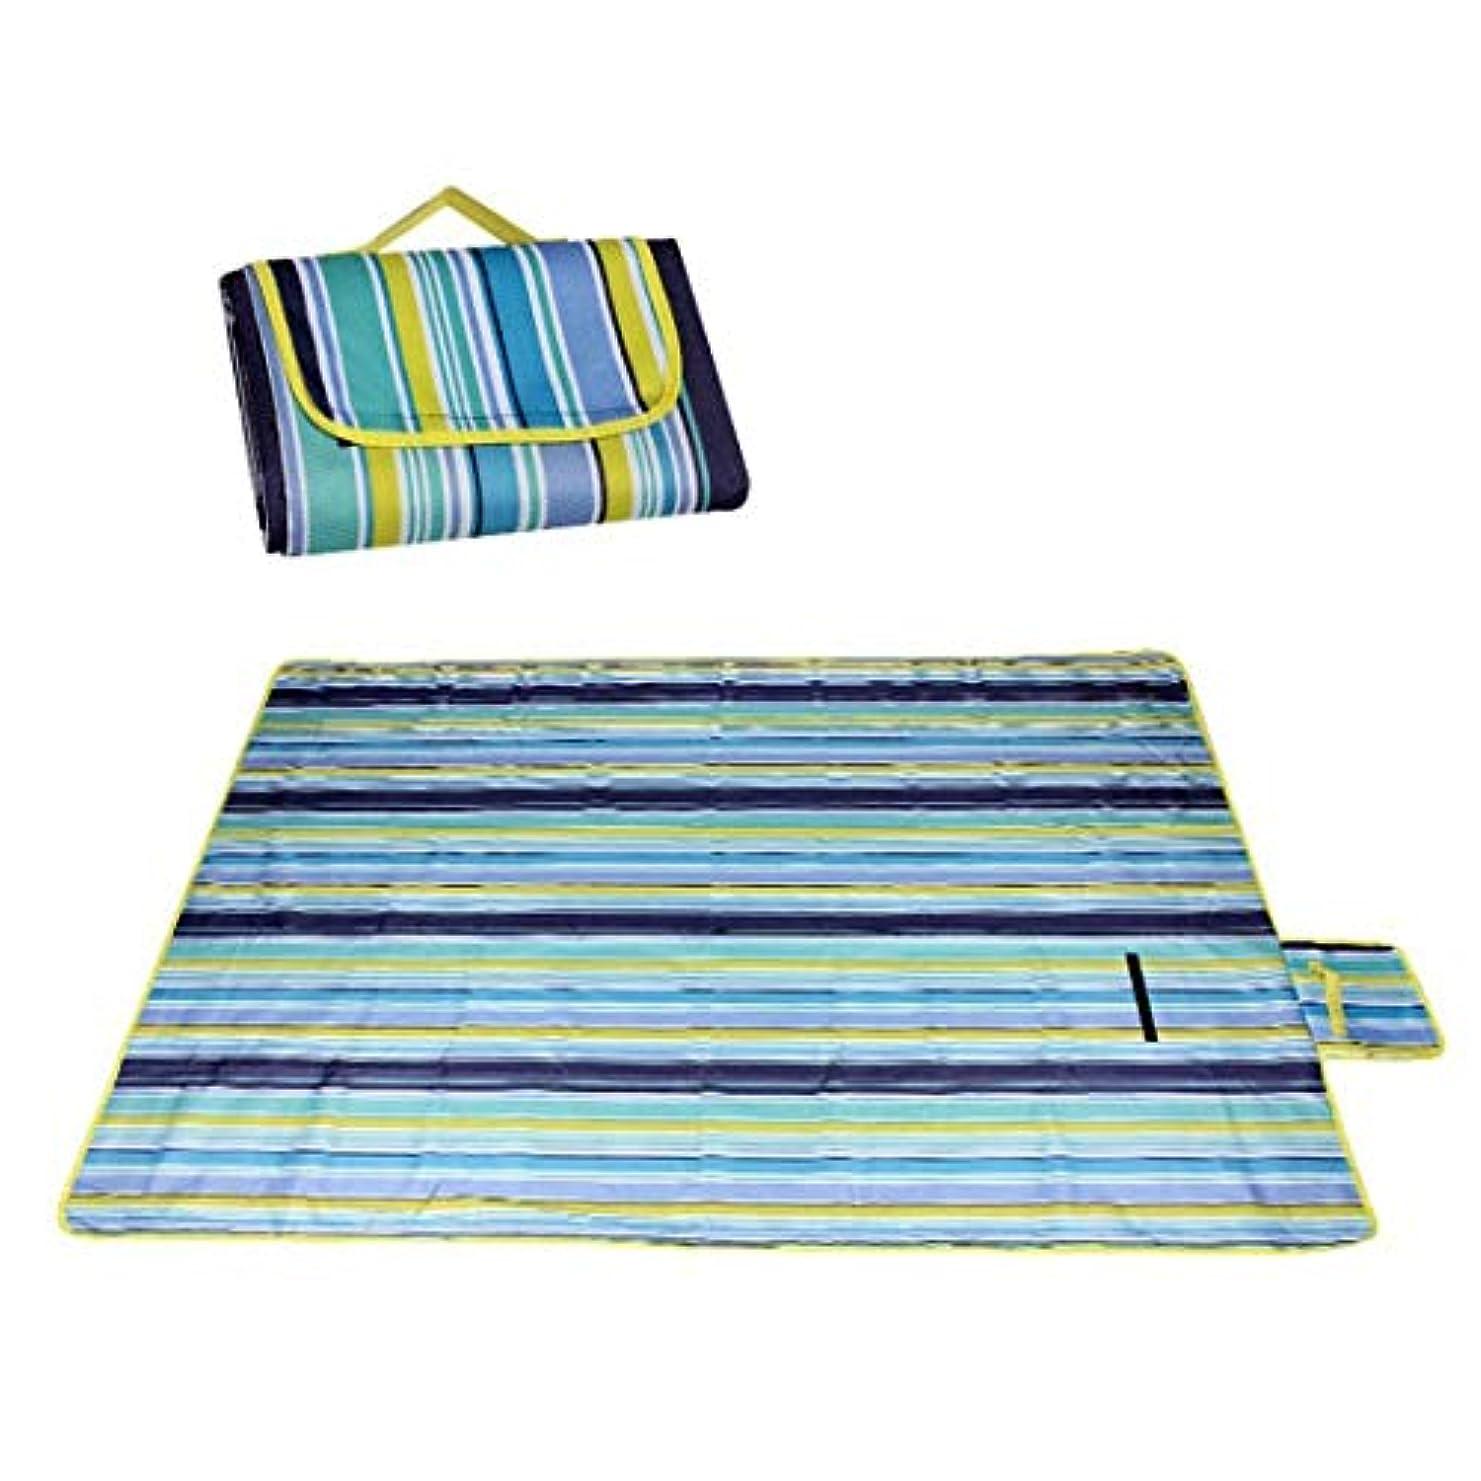 ペネロペチャンバー床Jhcpca 防湿パッドキャンプキャンプピクニックマットアルミ箔折りたたみ屋外マット (Color : 150*200 Oxford blue and green stripes)